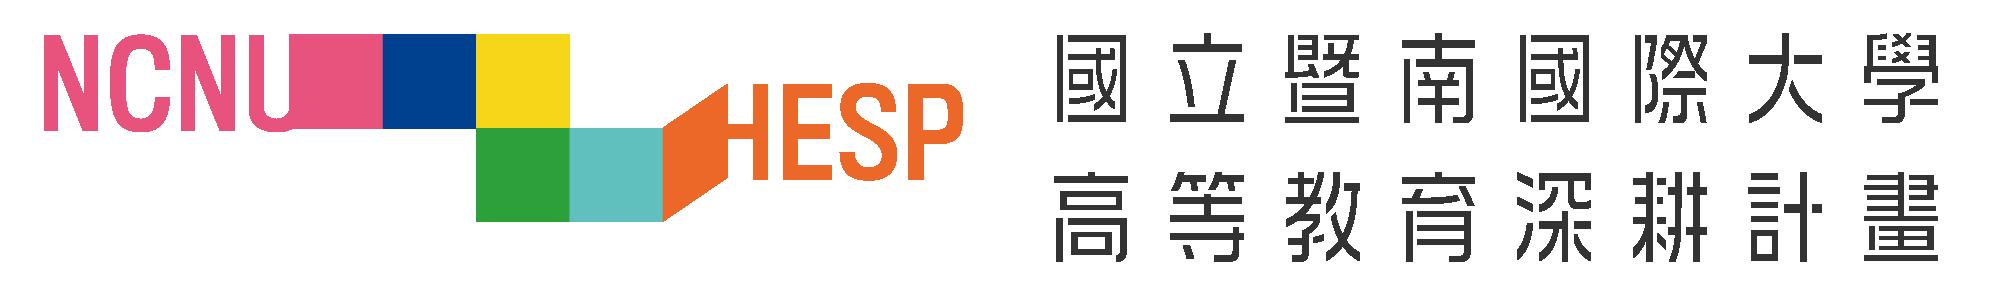 logo-txt-v3